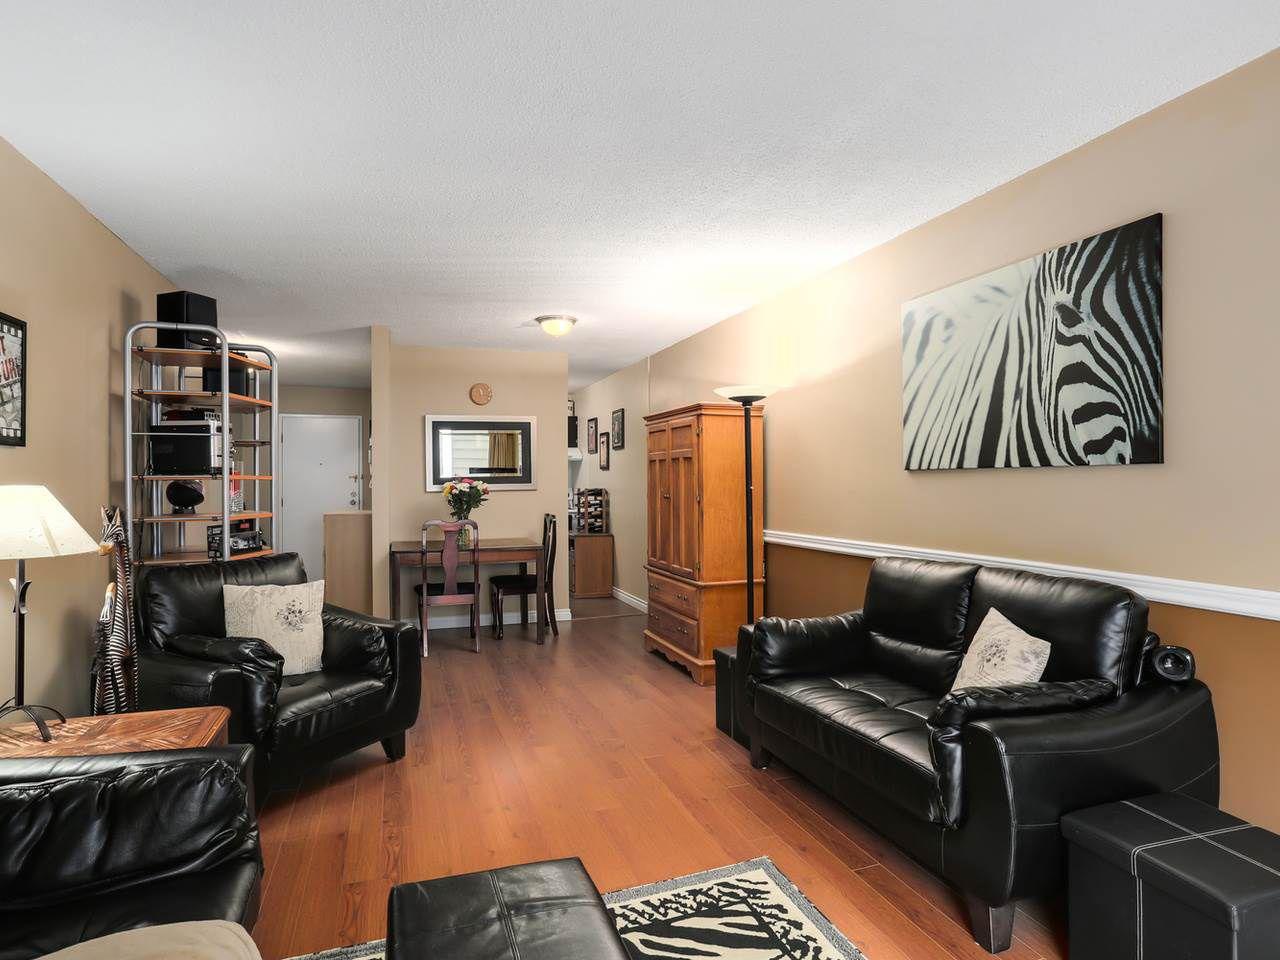 """Main Photo: 278C 8635 120 Street in Delta: Annieville Condo for sale in """"Delta Cedars"""" (N. Delta)  : MLS®# R2037207"""